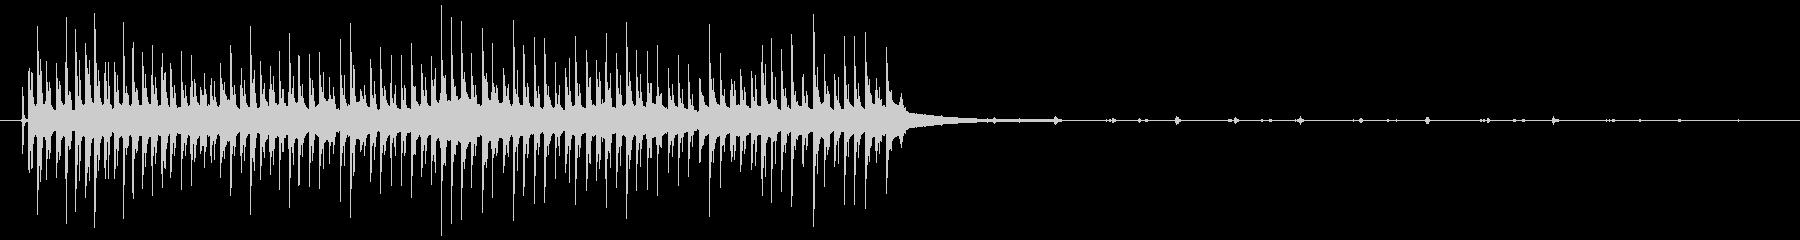 タイマーベル:短いミュートリングア...の未再生の波形